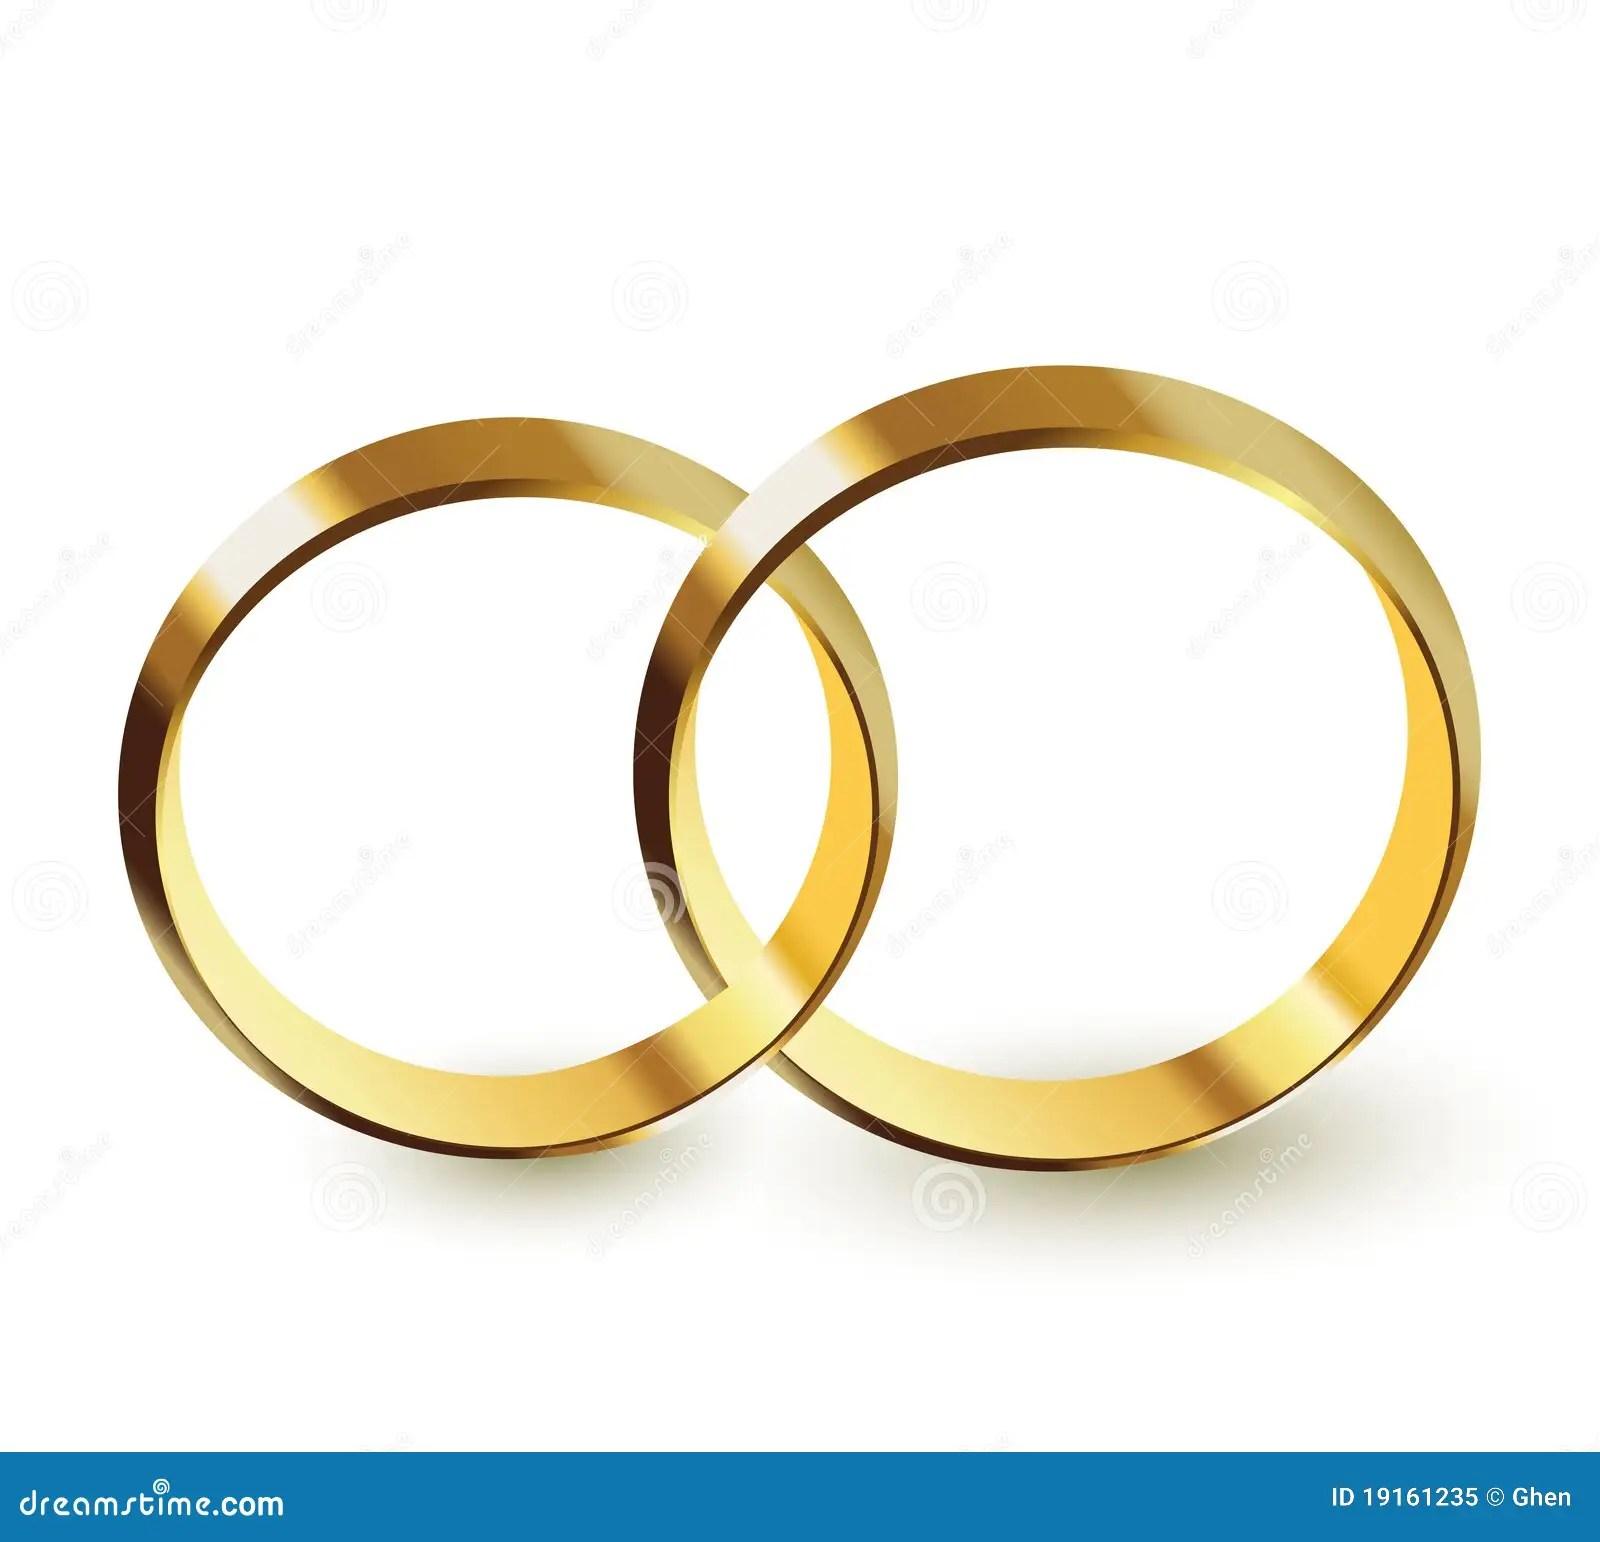 Goldene Ringe vektor abbildung Illustration von zwei